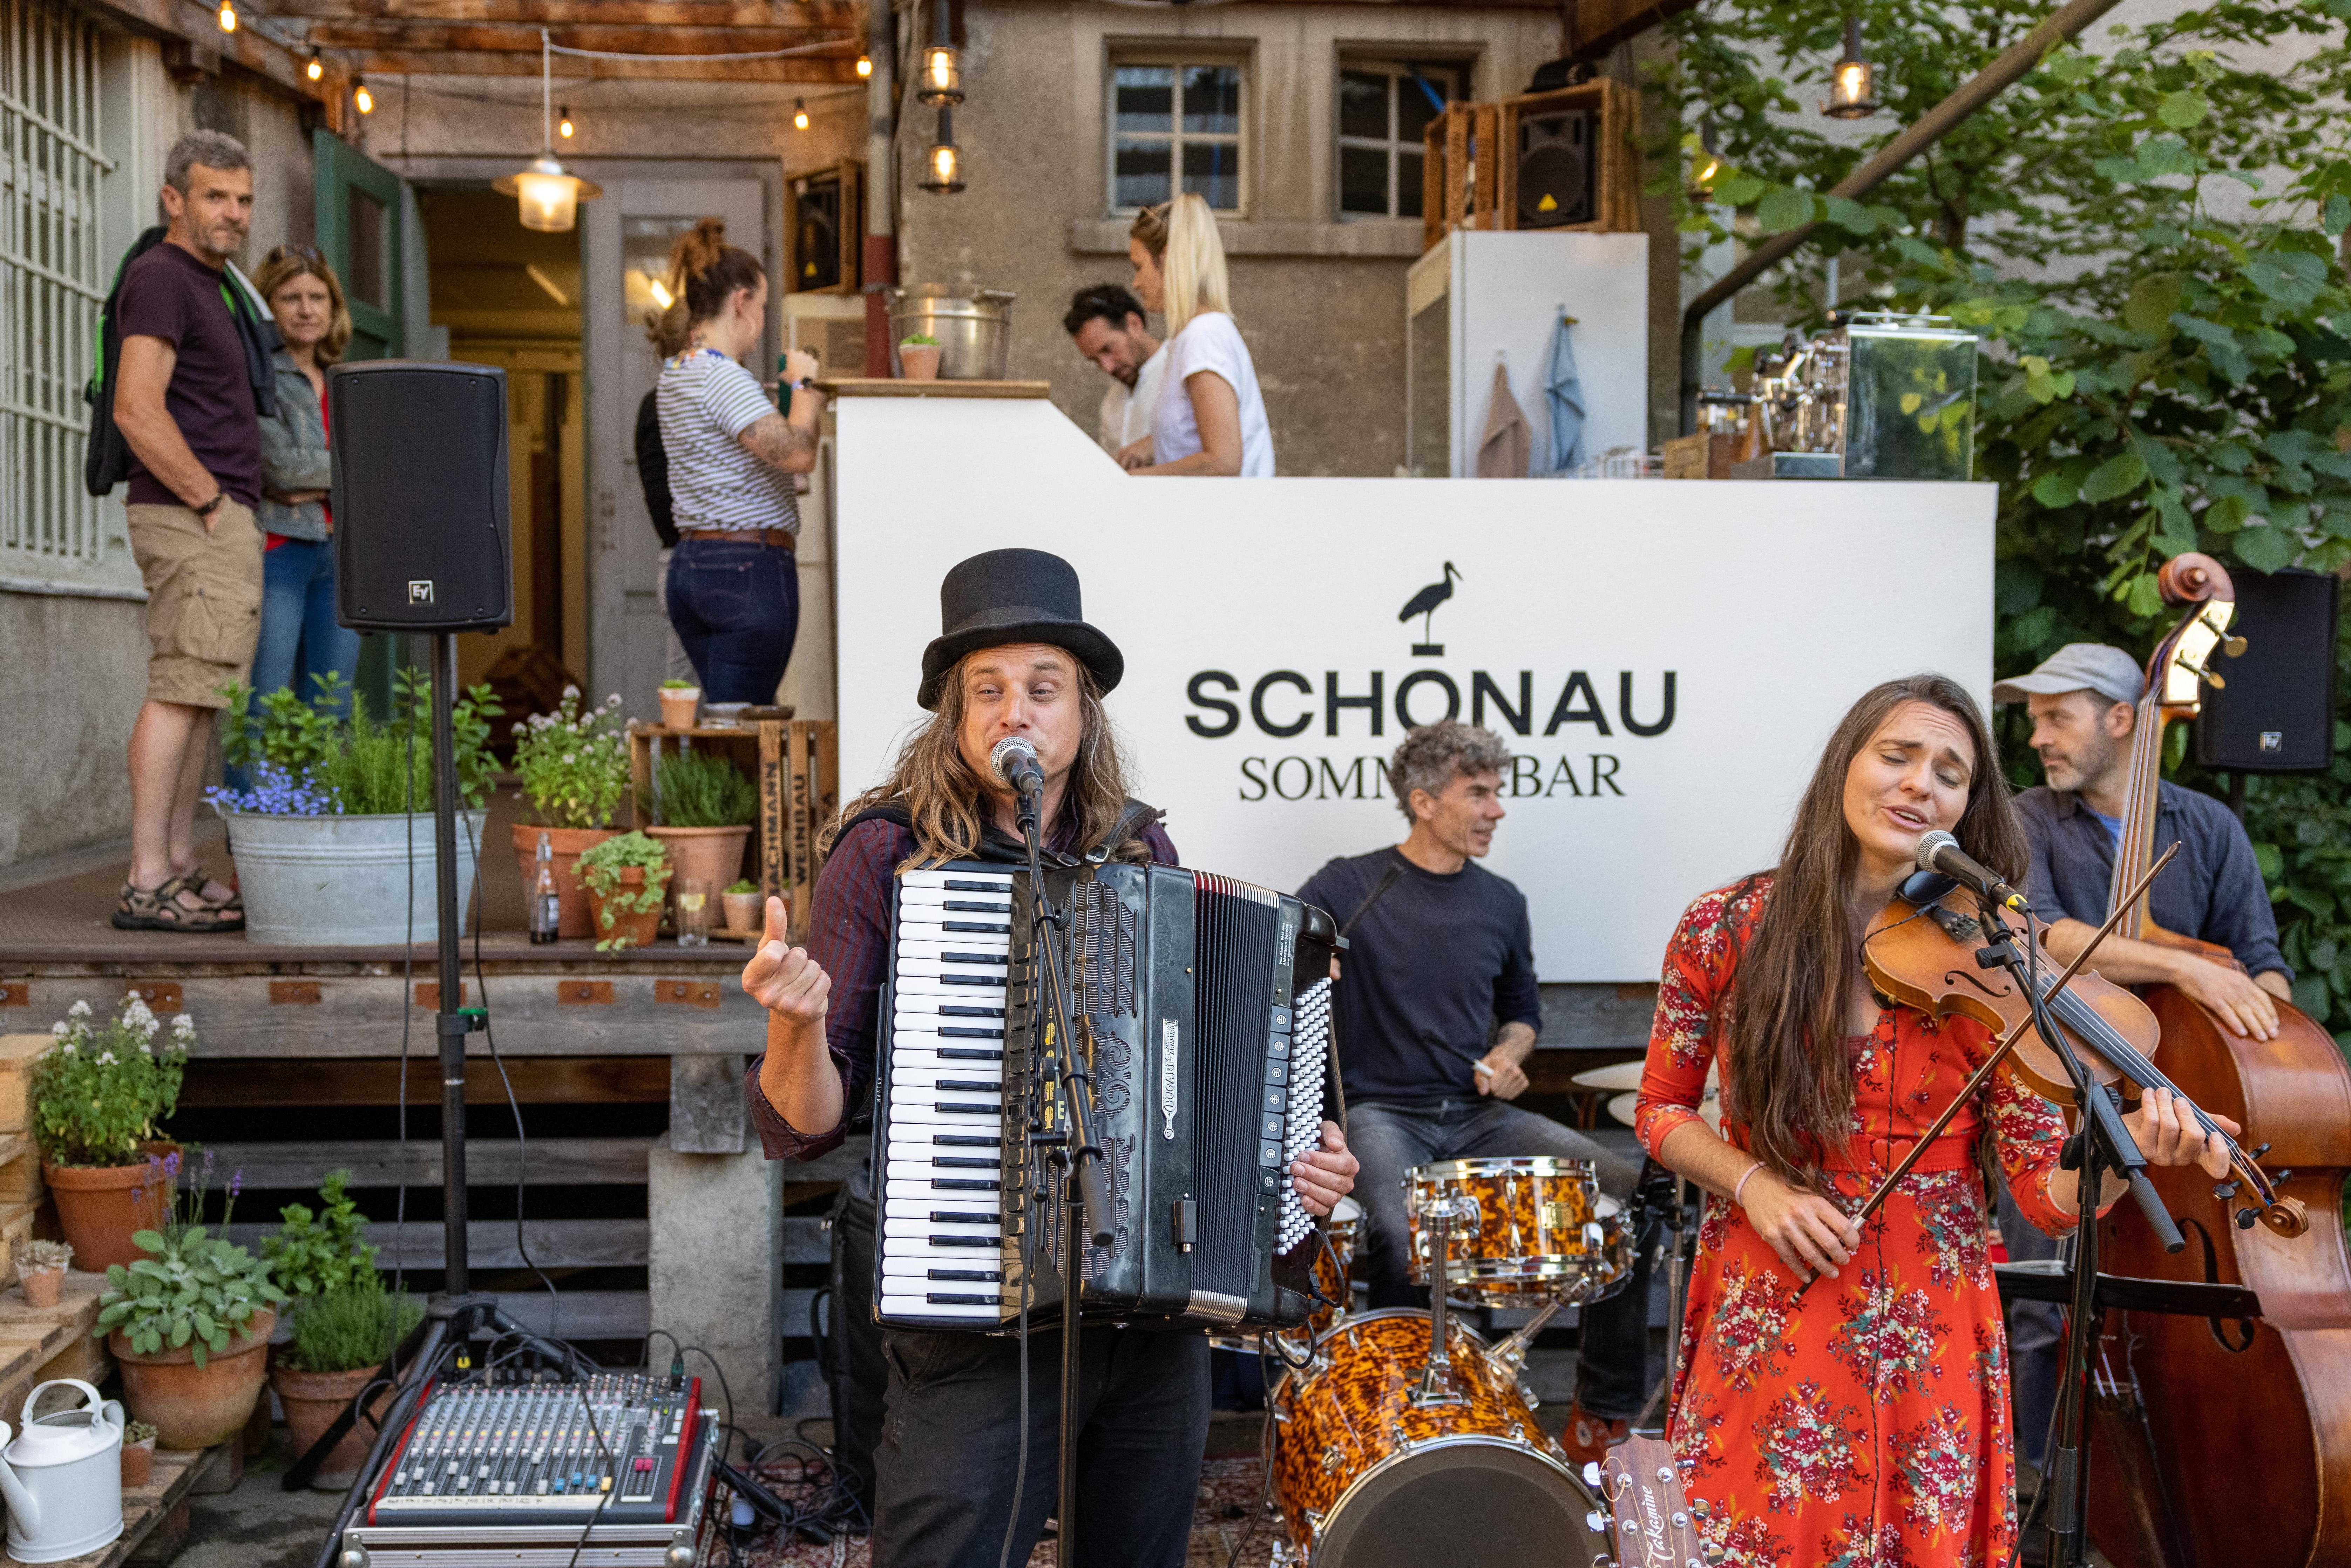 Schönau Sommerbar